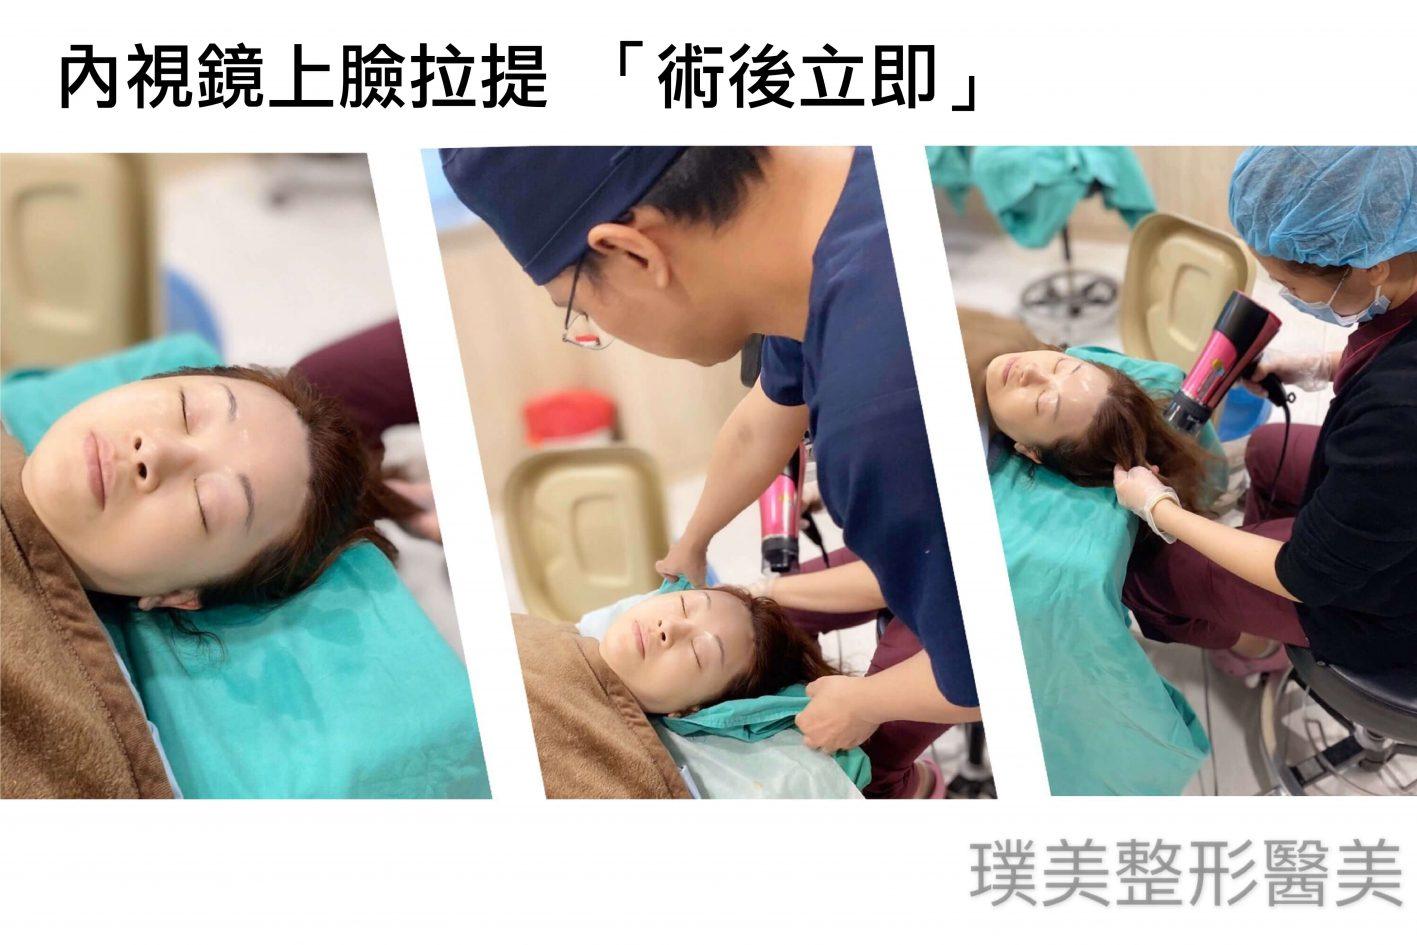 內視鏡提眉 內視鏡上臉拉提 手術 洗頭